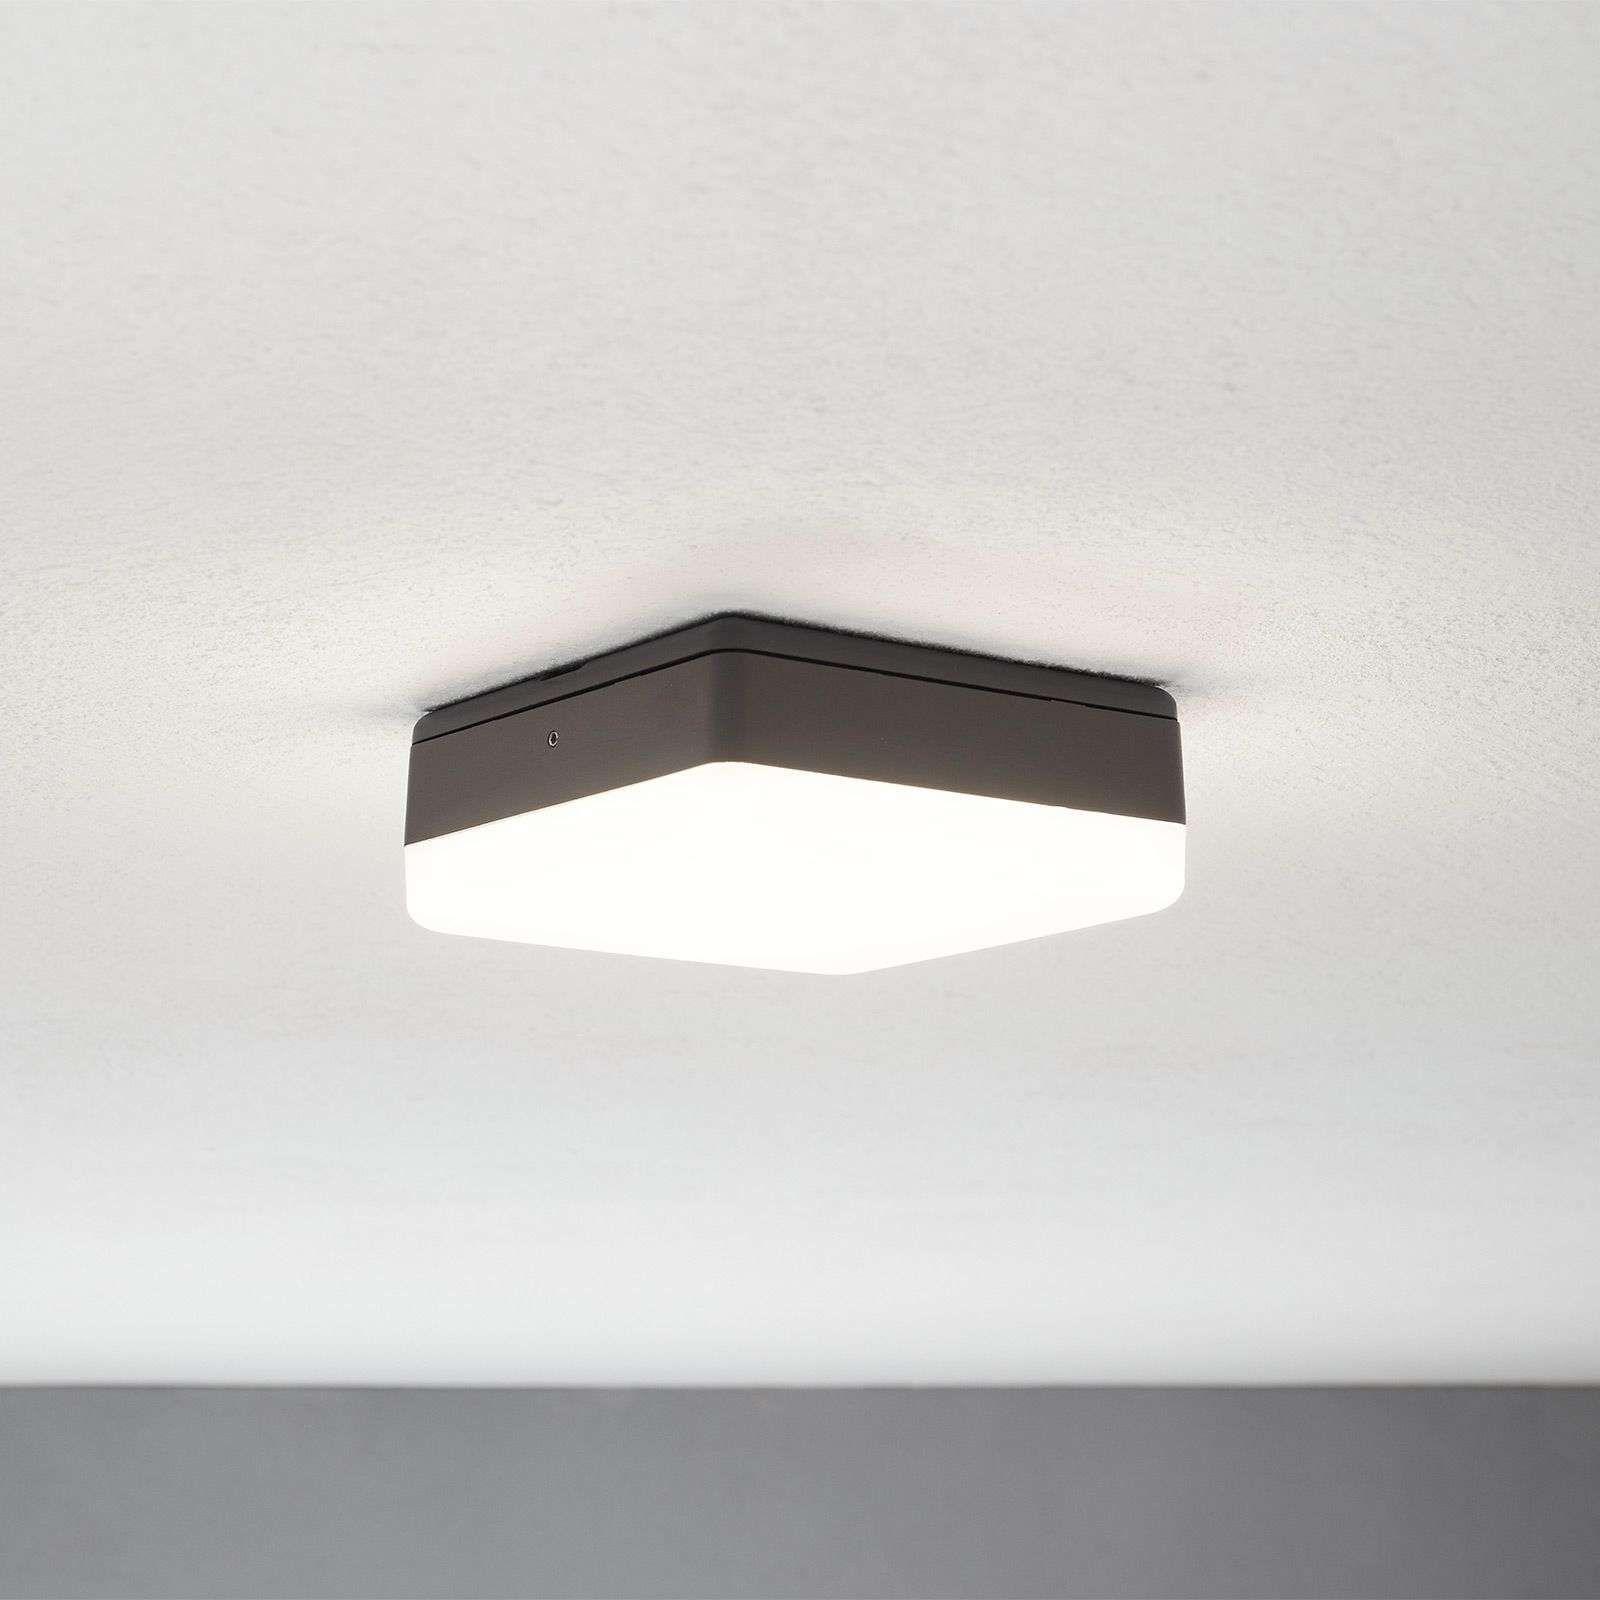 Led Plafondlamp Thilo Grijs 16 Cm Plafondlamp Led Led Lamp